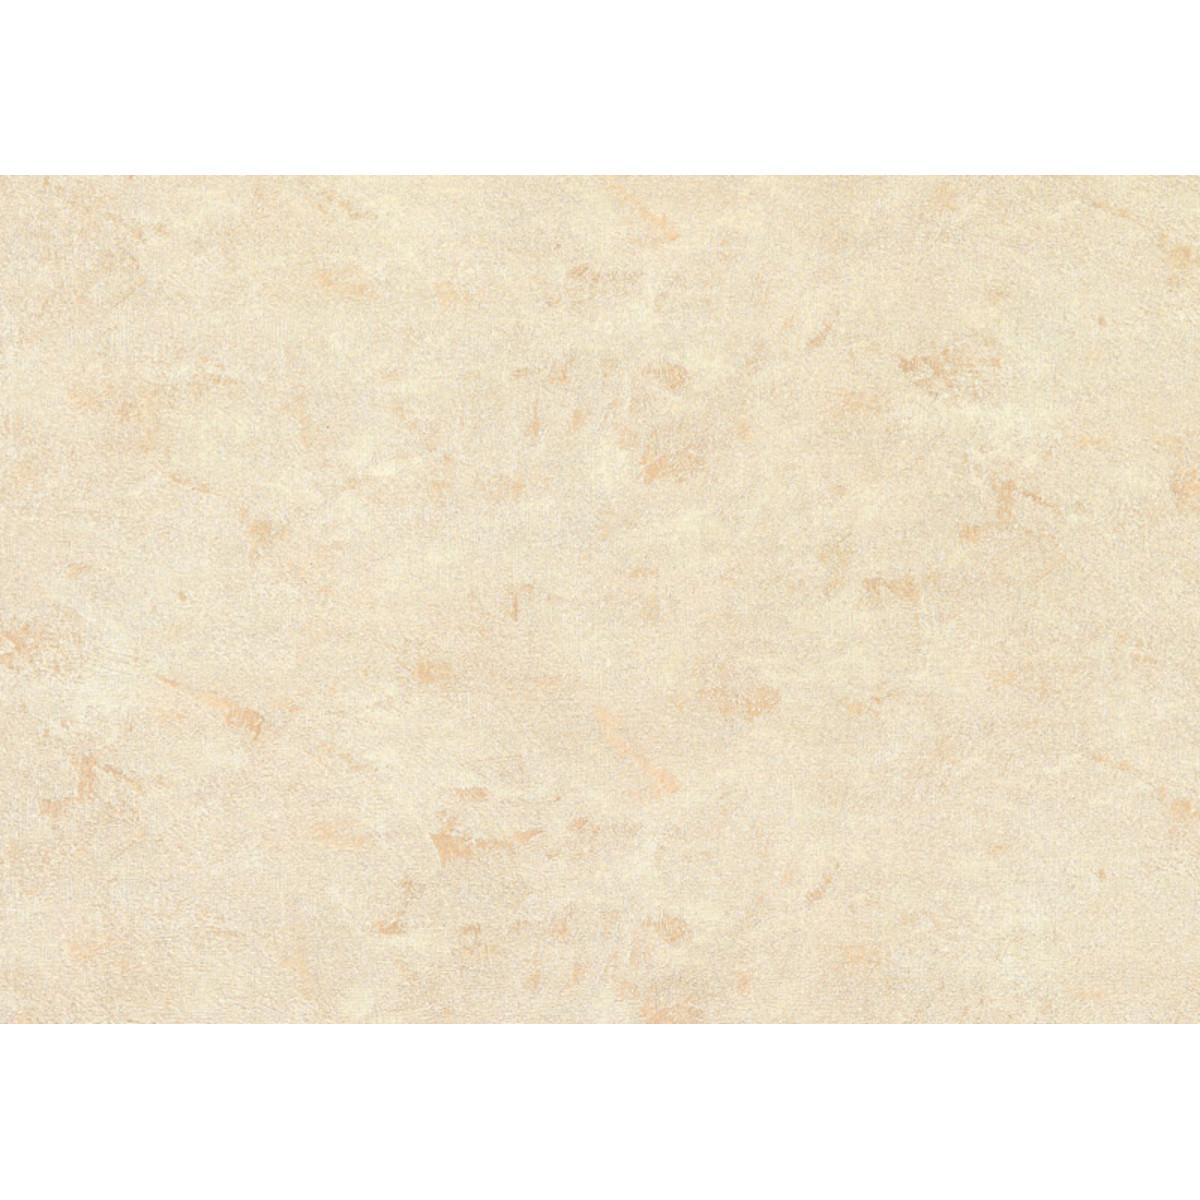 Обои флизелиновые Murella белые 1.06 м 5118